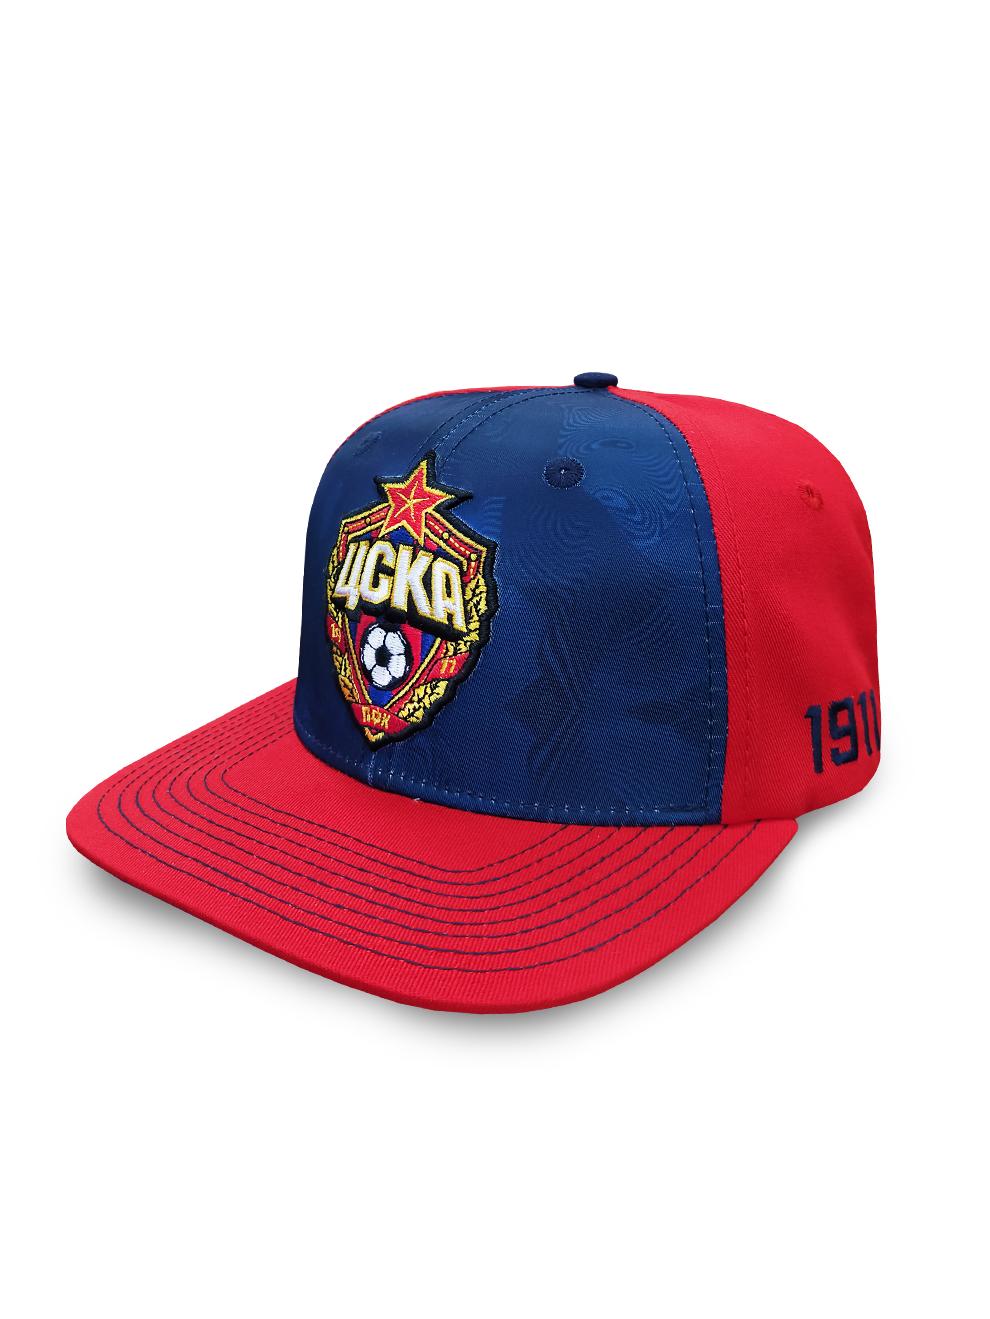 Бейсболка с эмблемой ПФК ЦСКА, прямой козырёк, цвет сине-красный